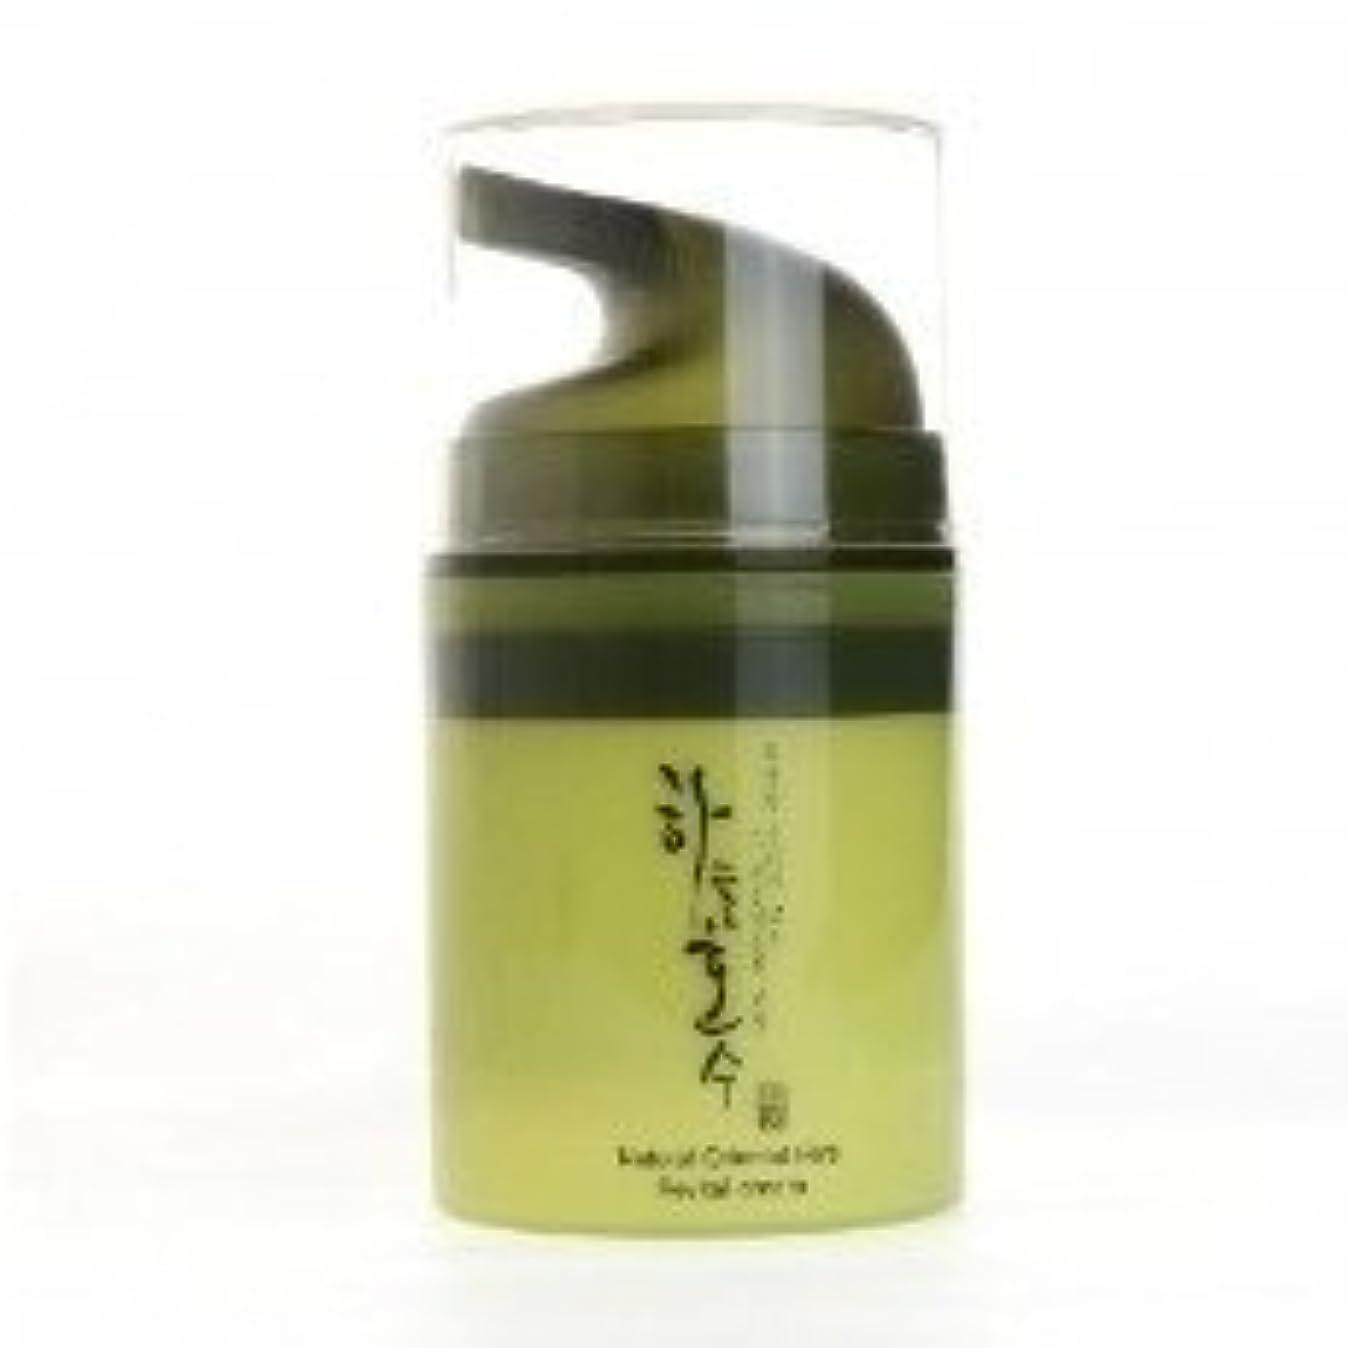 パスポート納得させるシティSkylake Natural Oriental Herb Revital Cream ハヌルホス ナチュラルオリエンタル ハーブリバイタルクリーム [並行輸入品]